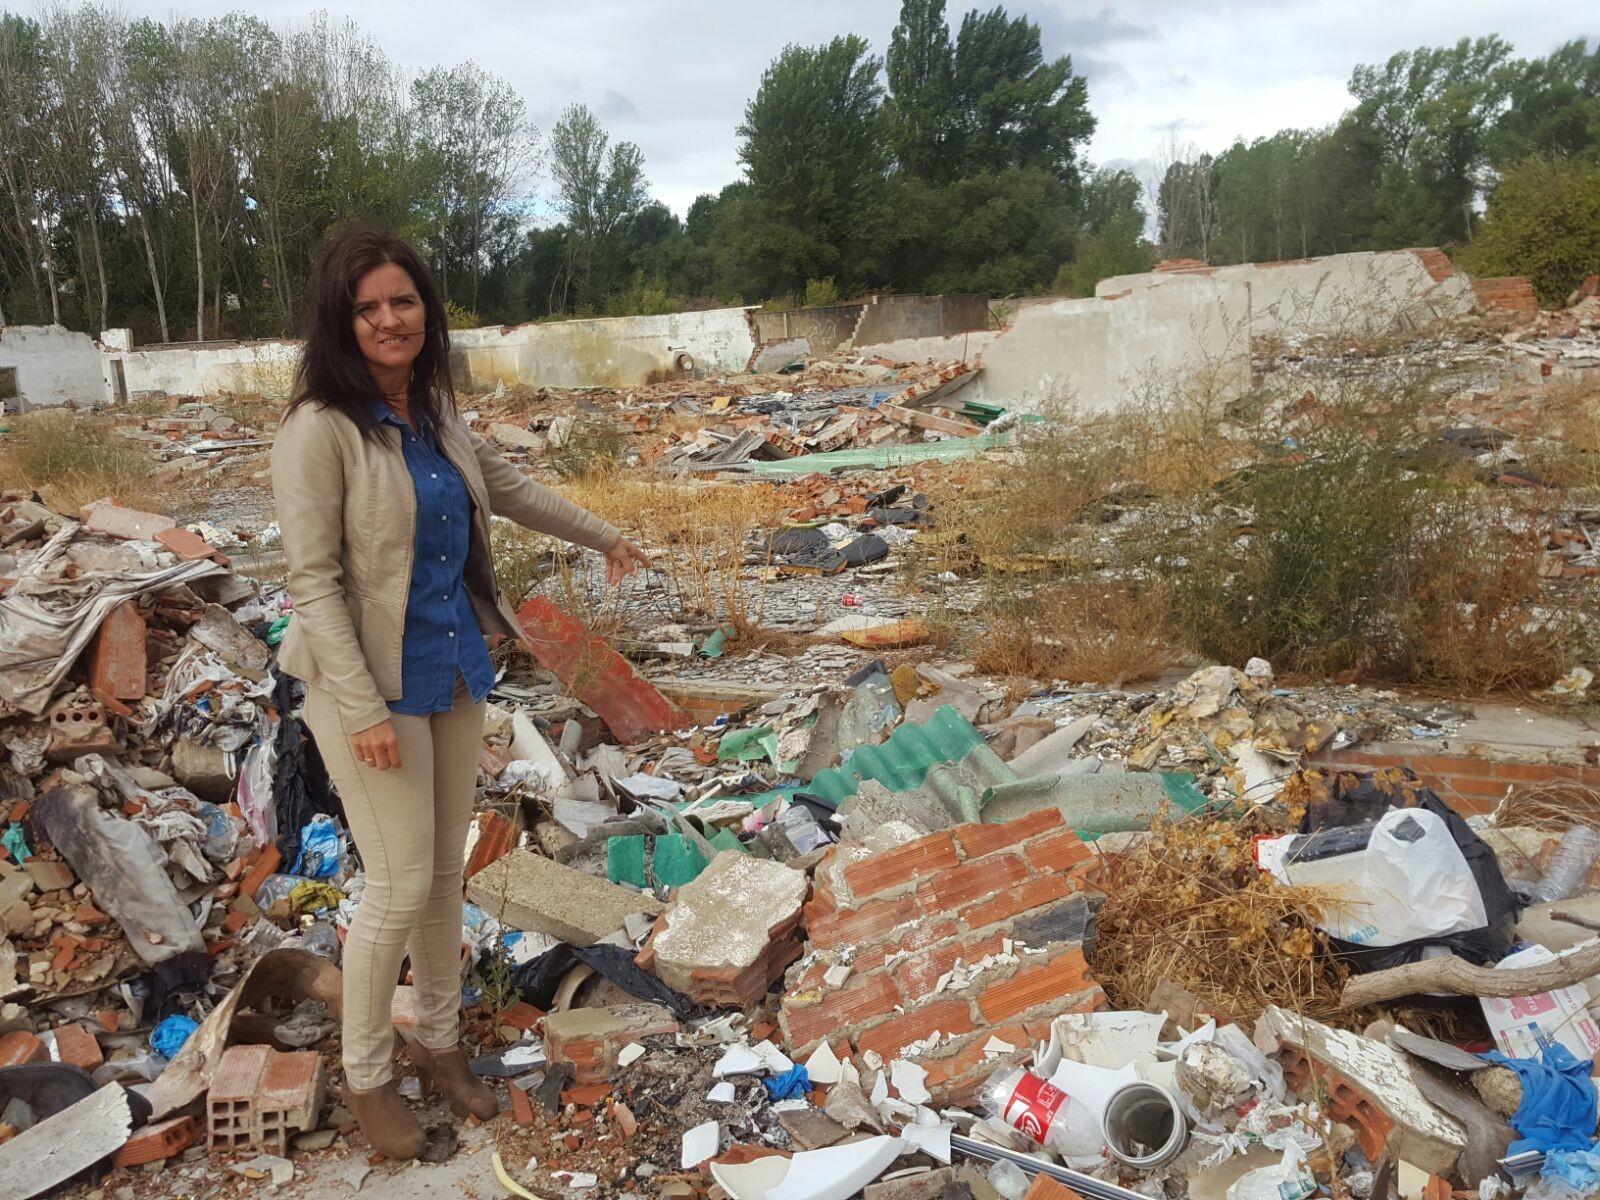 Denuncia sobhre el estado de la antigua Fábrica de Soto, Armunia, León